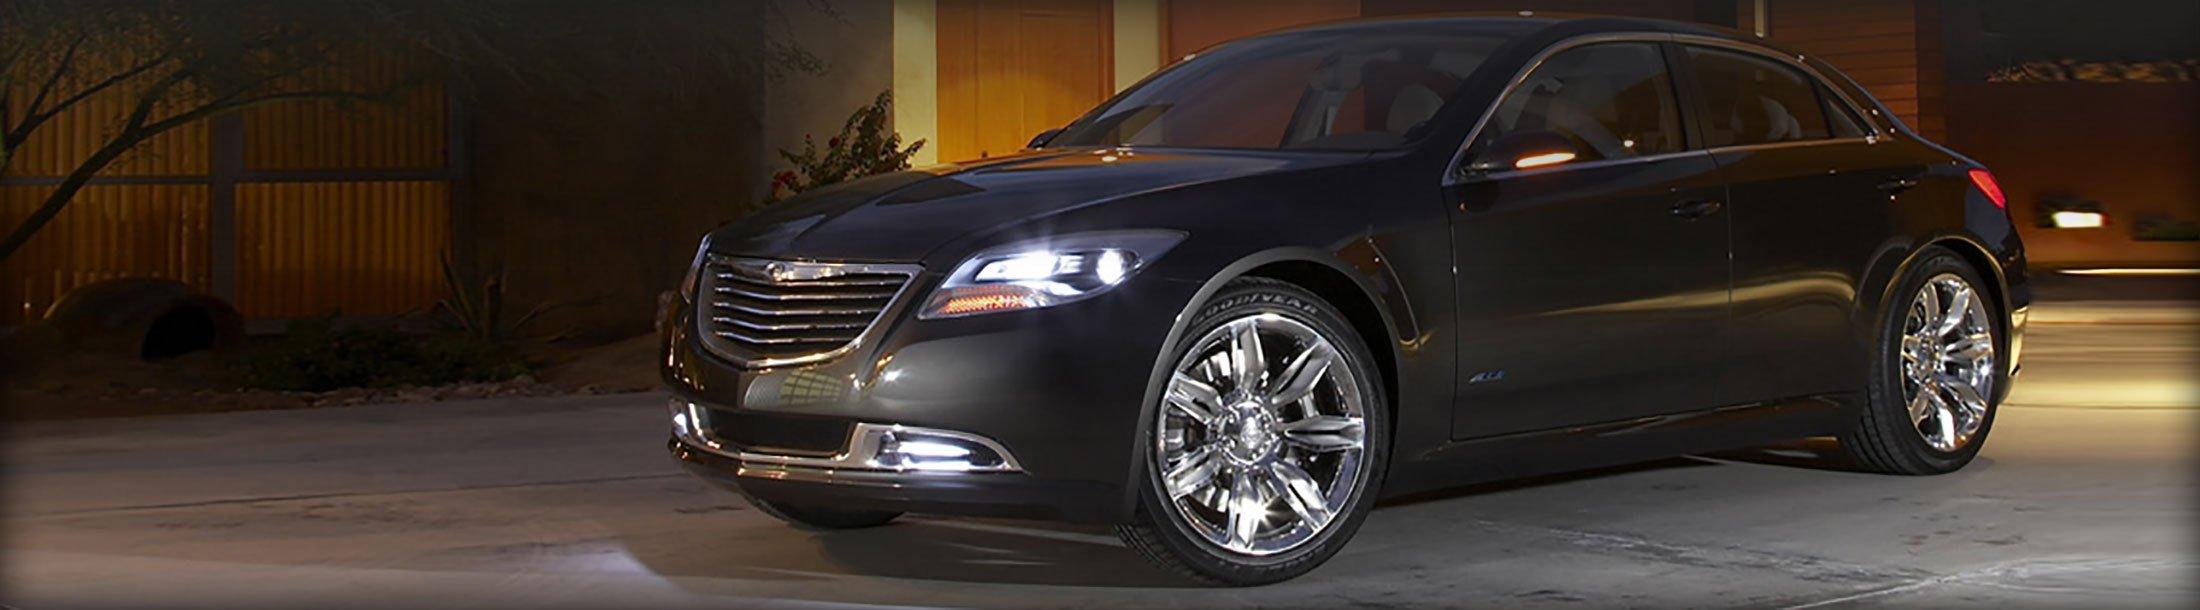 New Braunfels Car Dealerships >> Bullseye Motors Inc Car Dealer In New Braunfels Tx